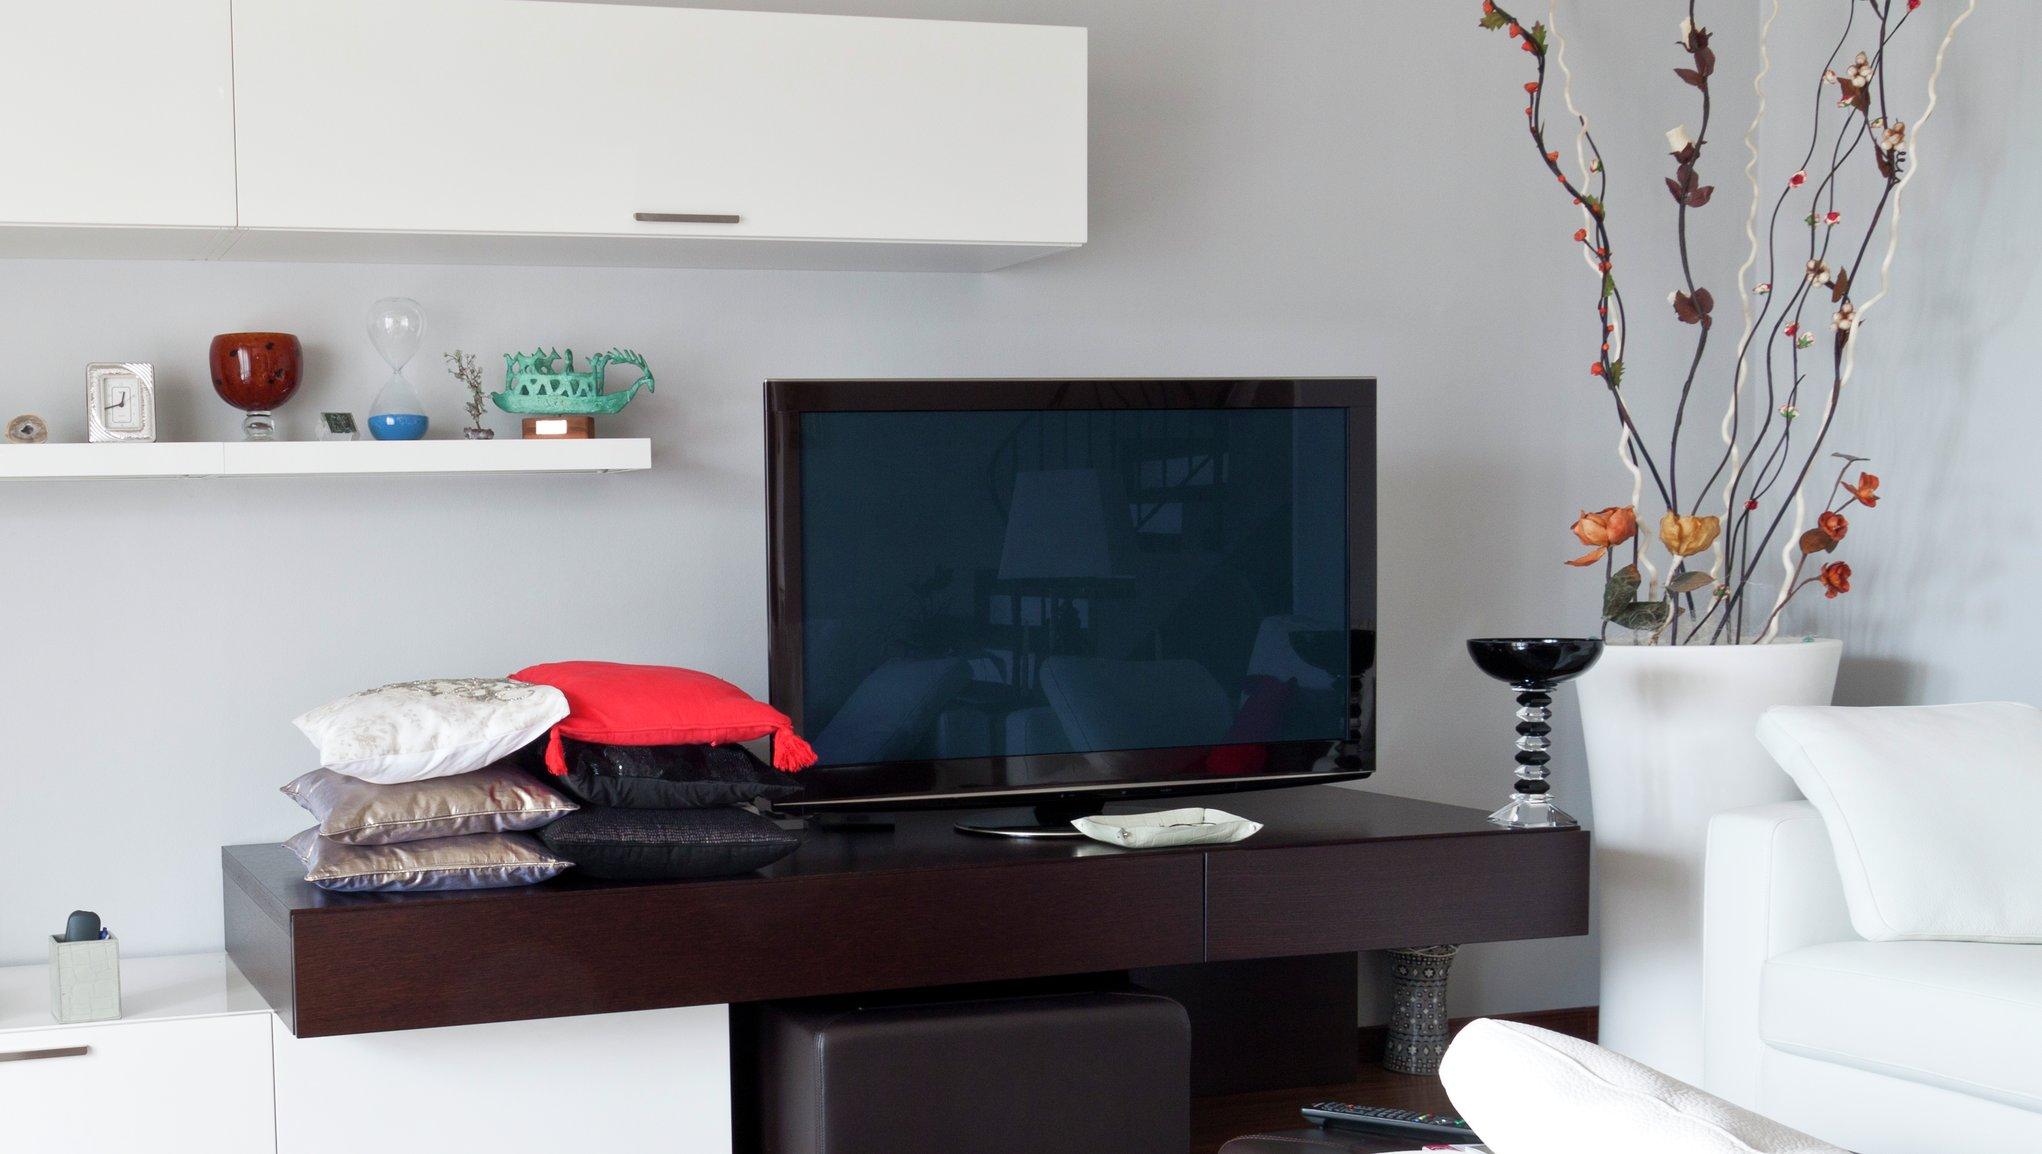 Försäkring för TV